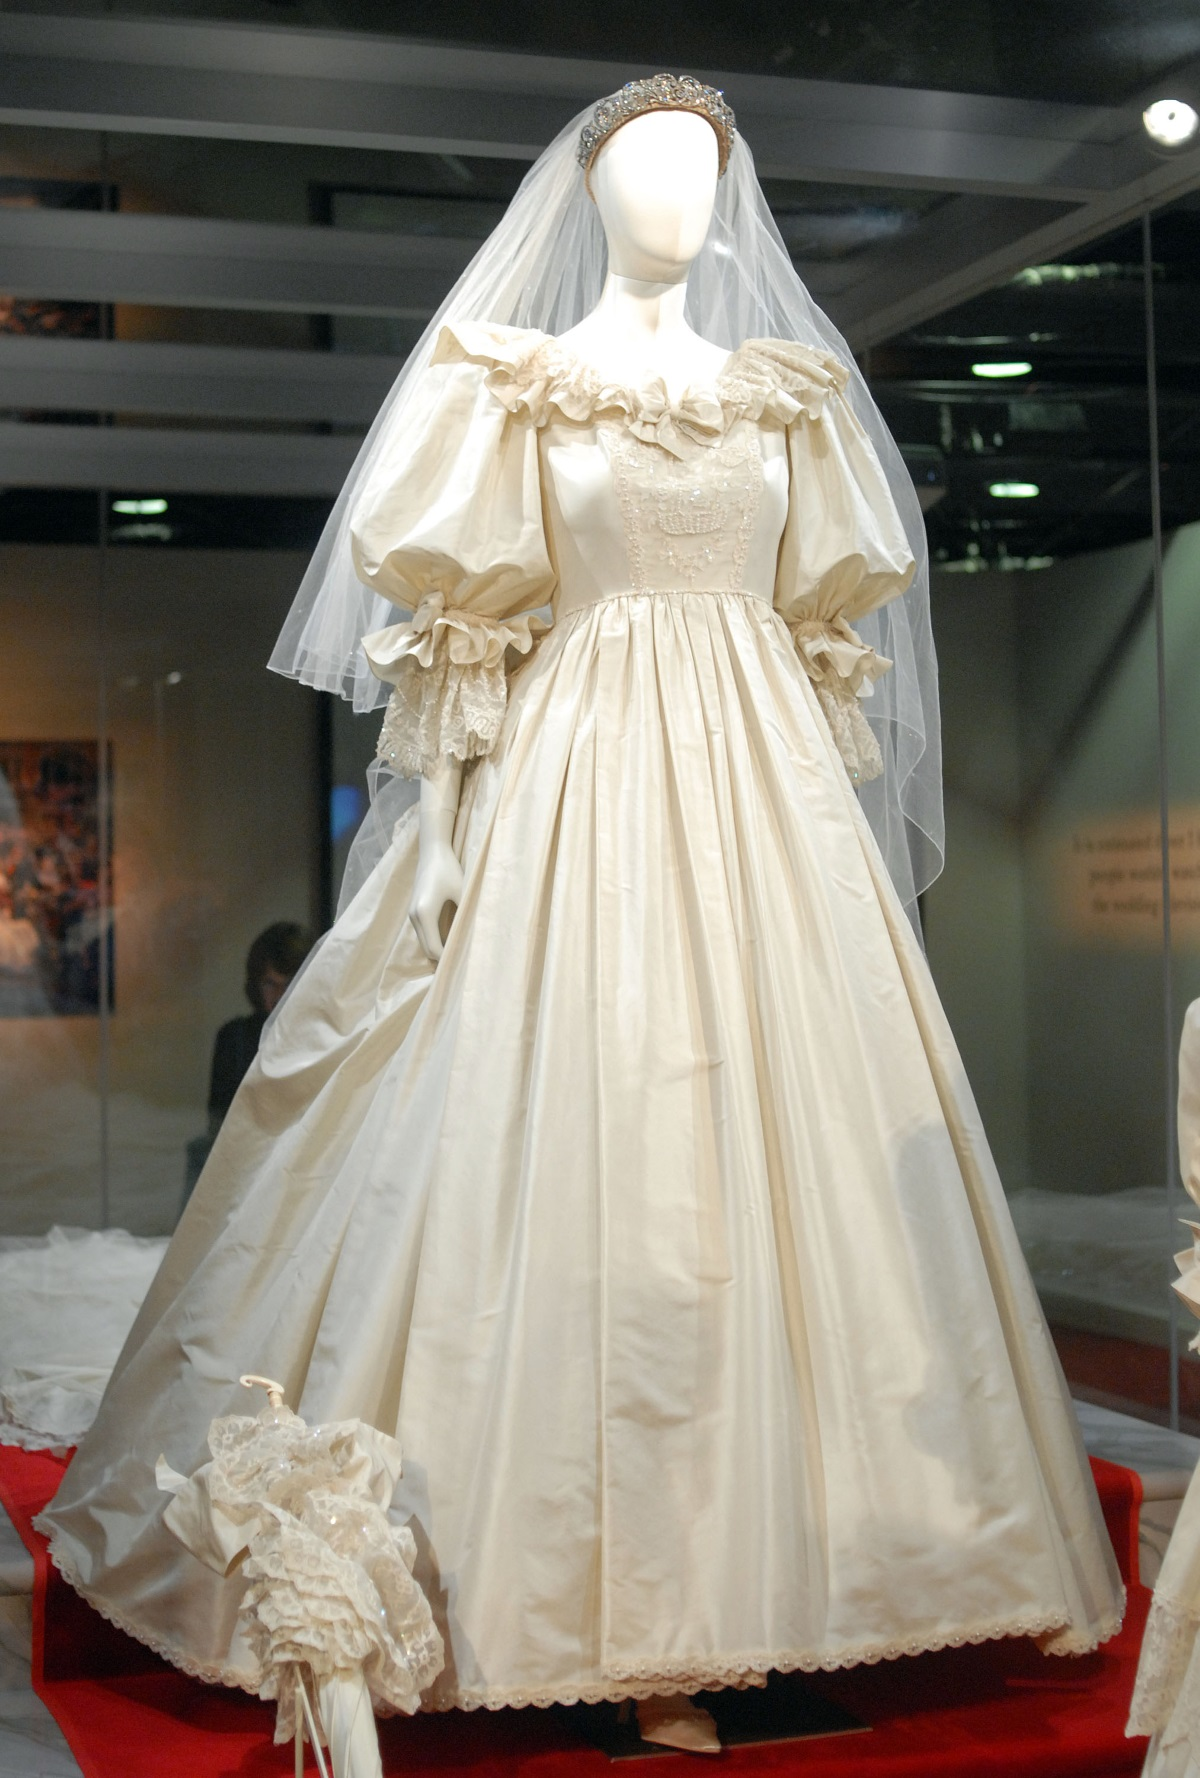 Сватбената рокля на принцеса Даяна струвала 198 хил. долара.